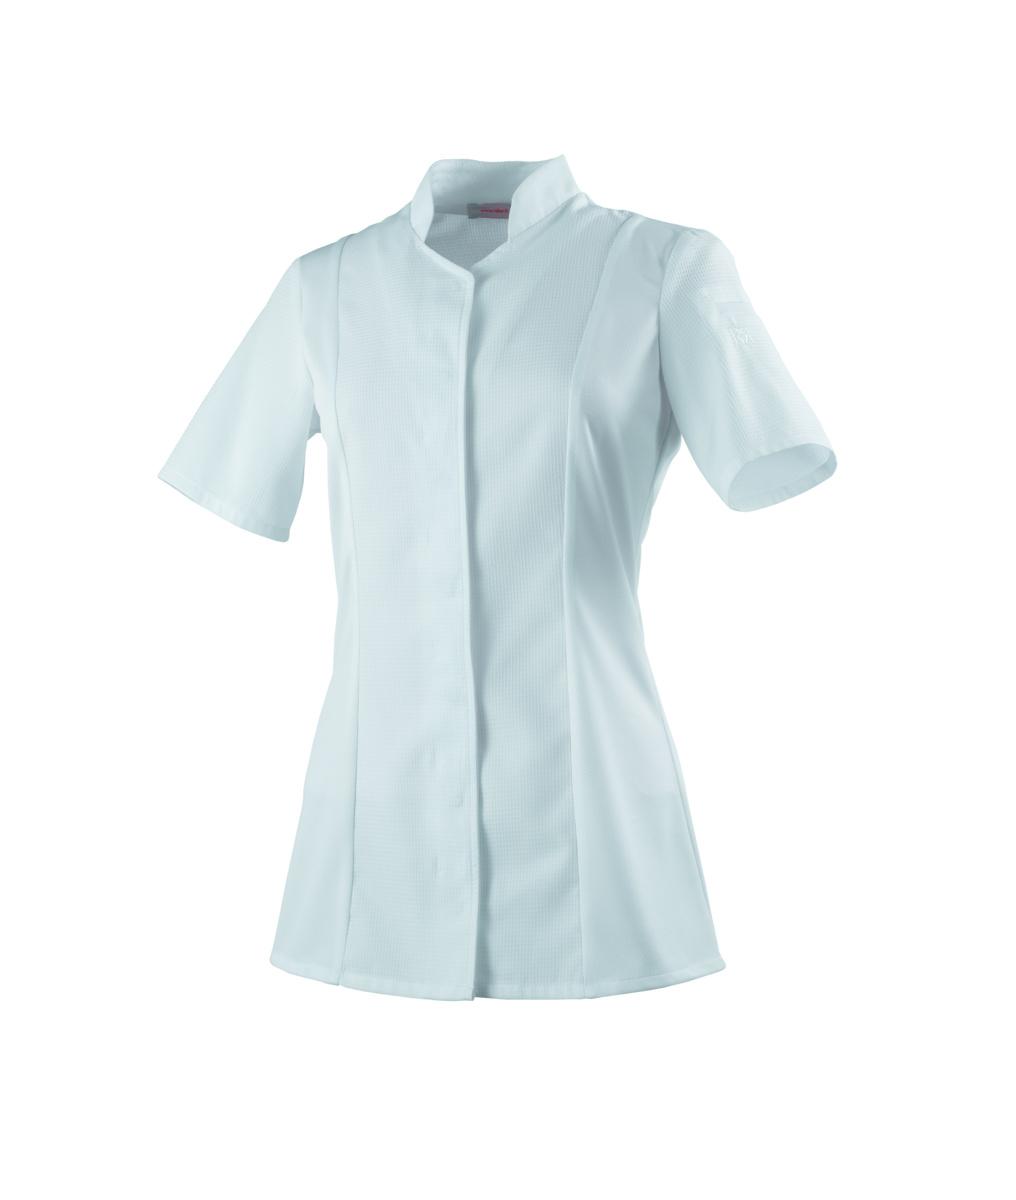 Veste femme manches courtes blanche taille 2 Abella Robur